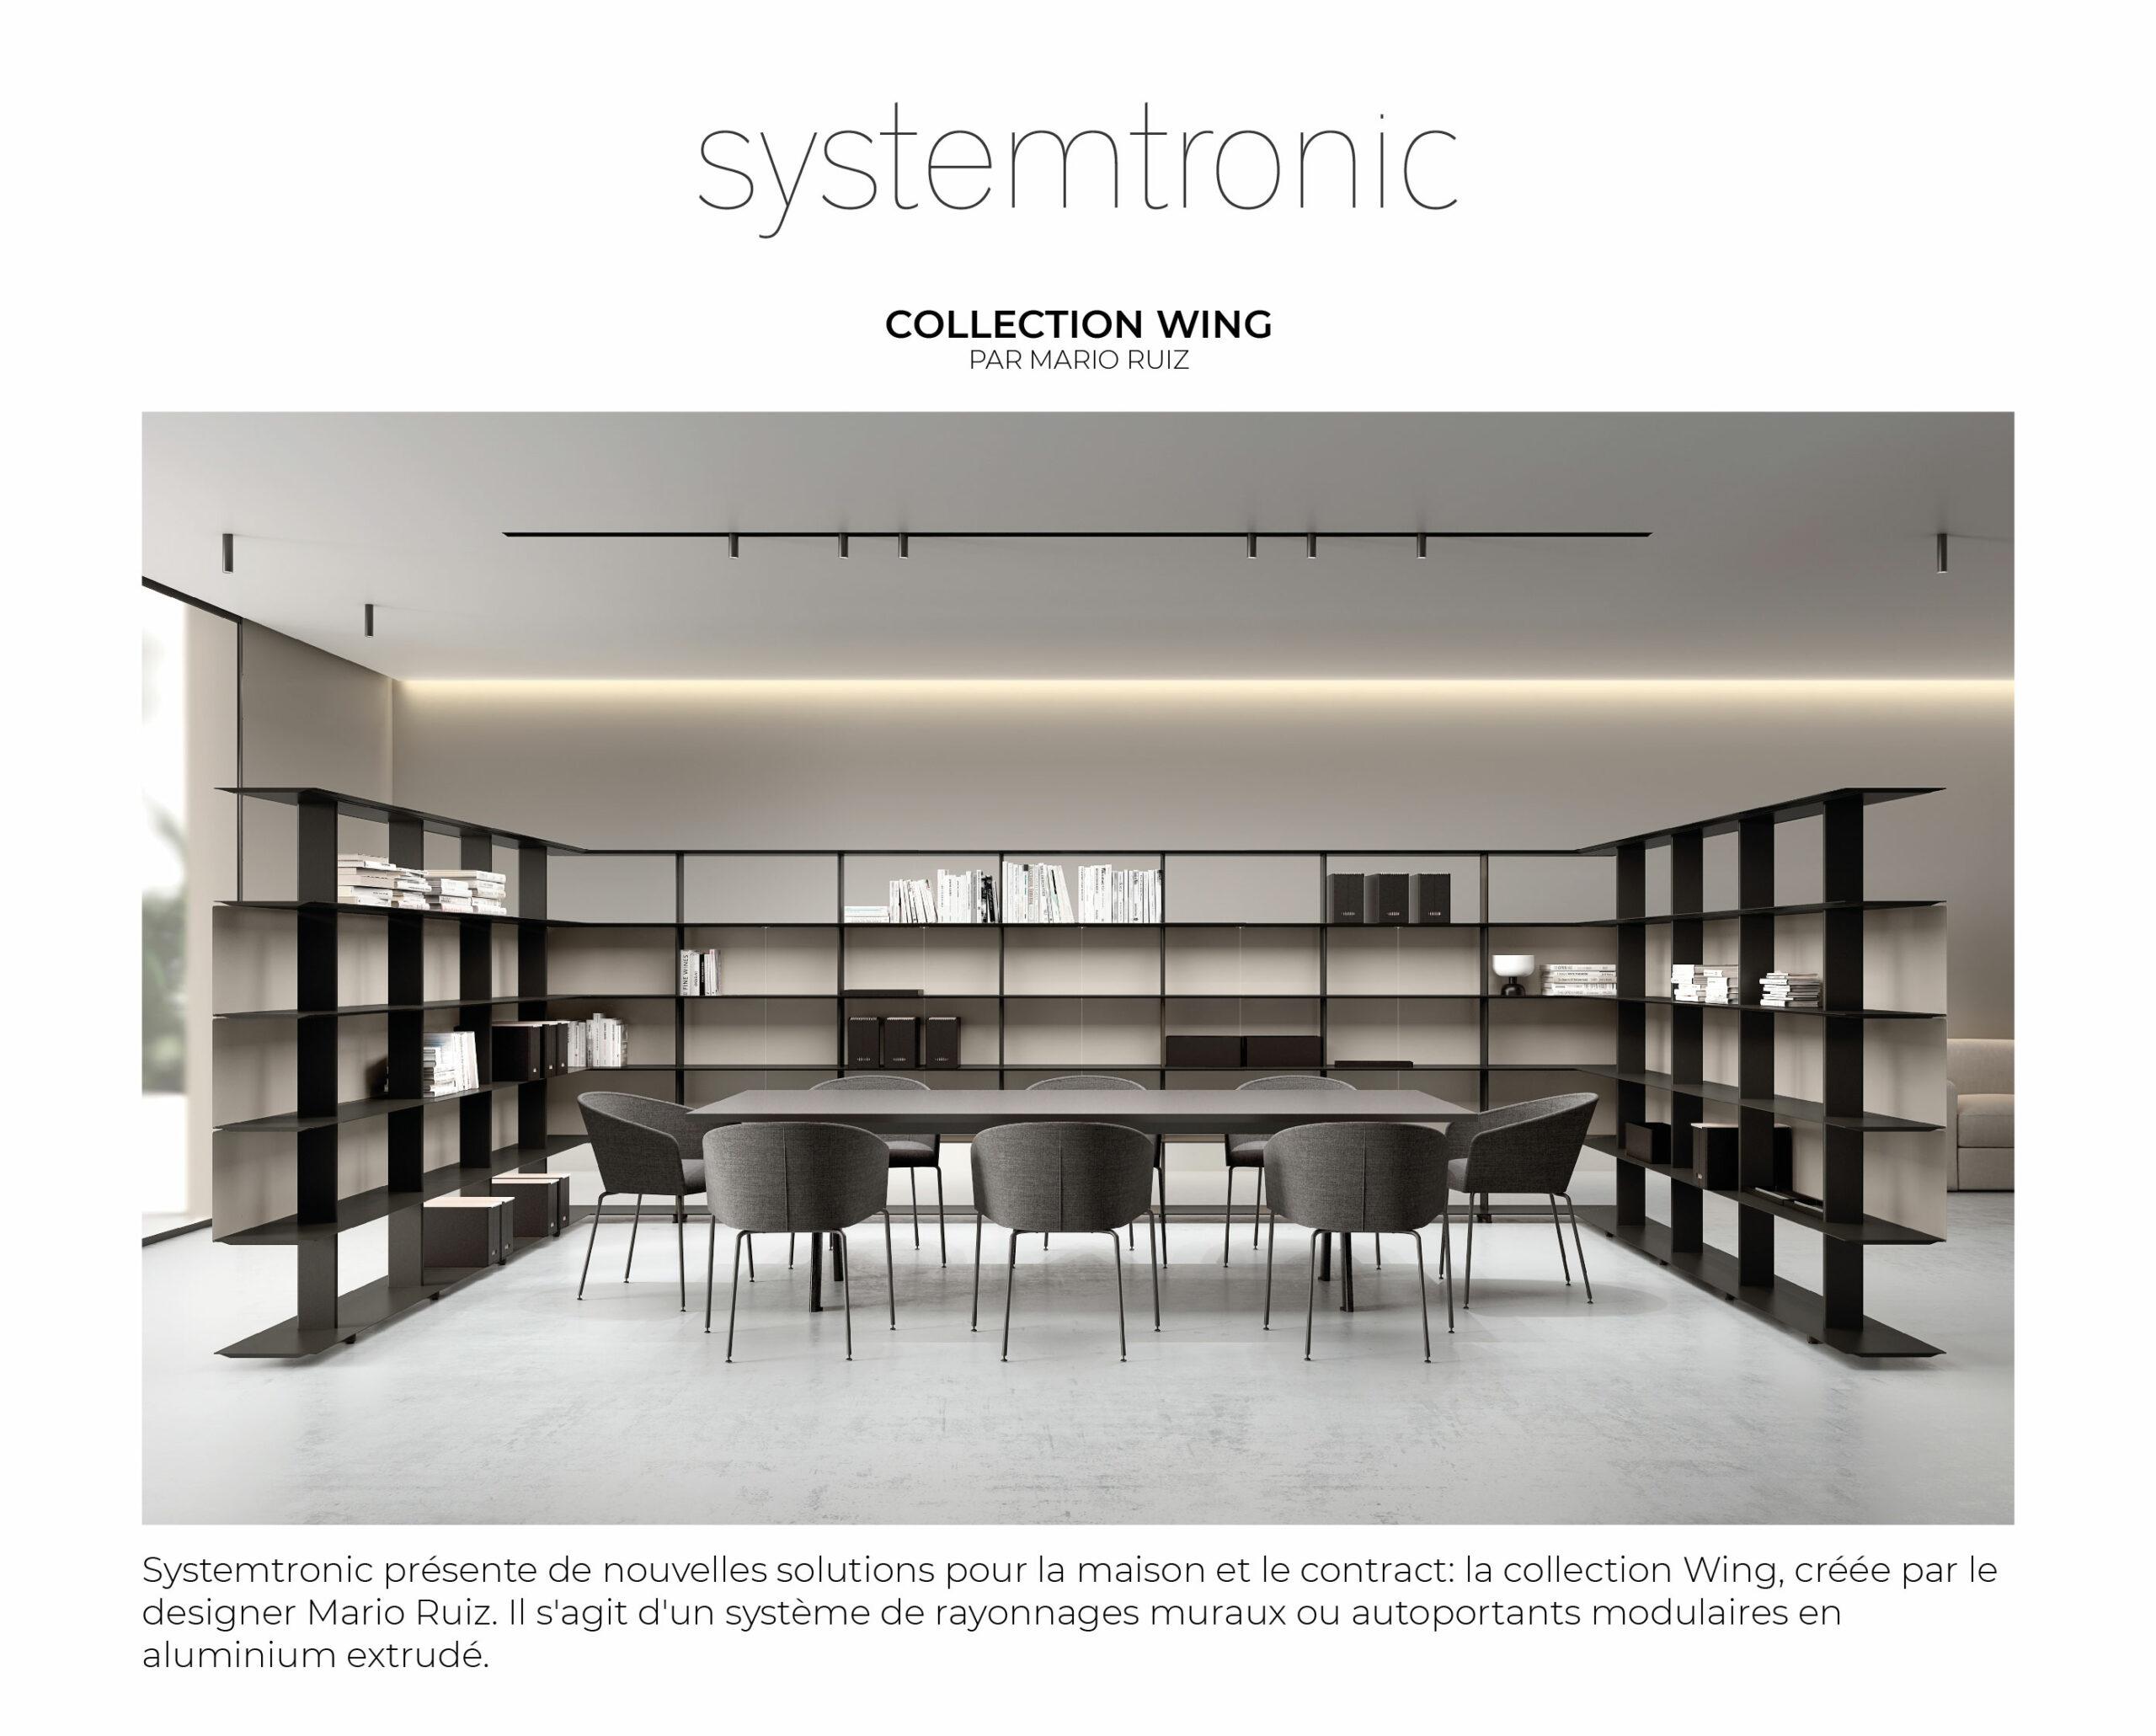 Collection Wing par Mario Ruiz